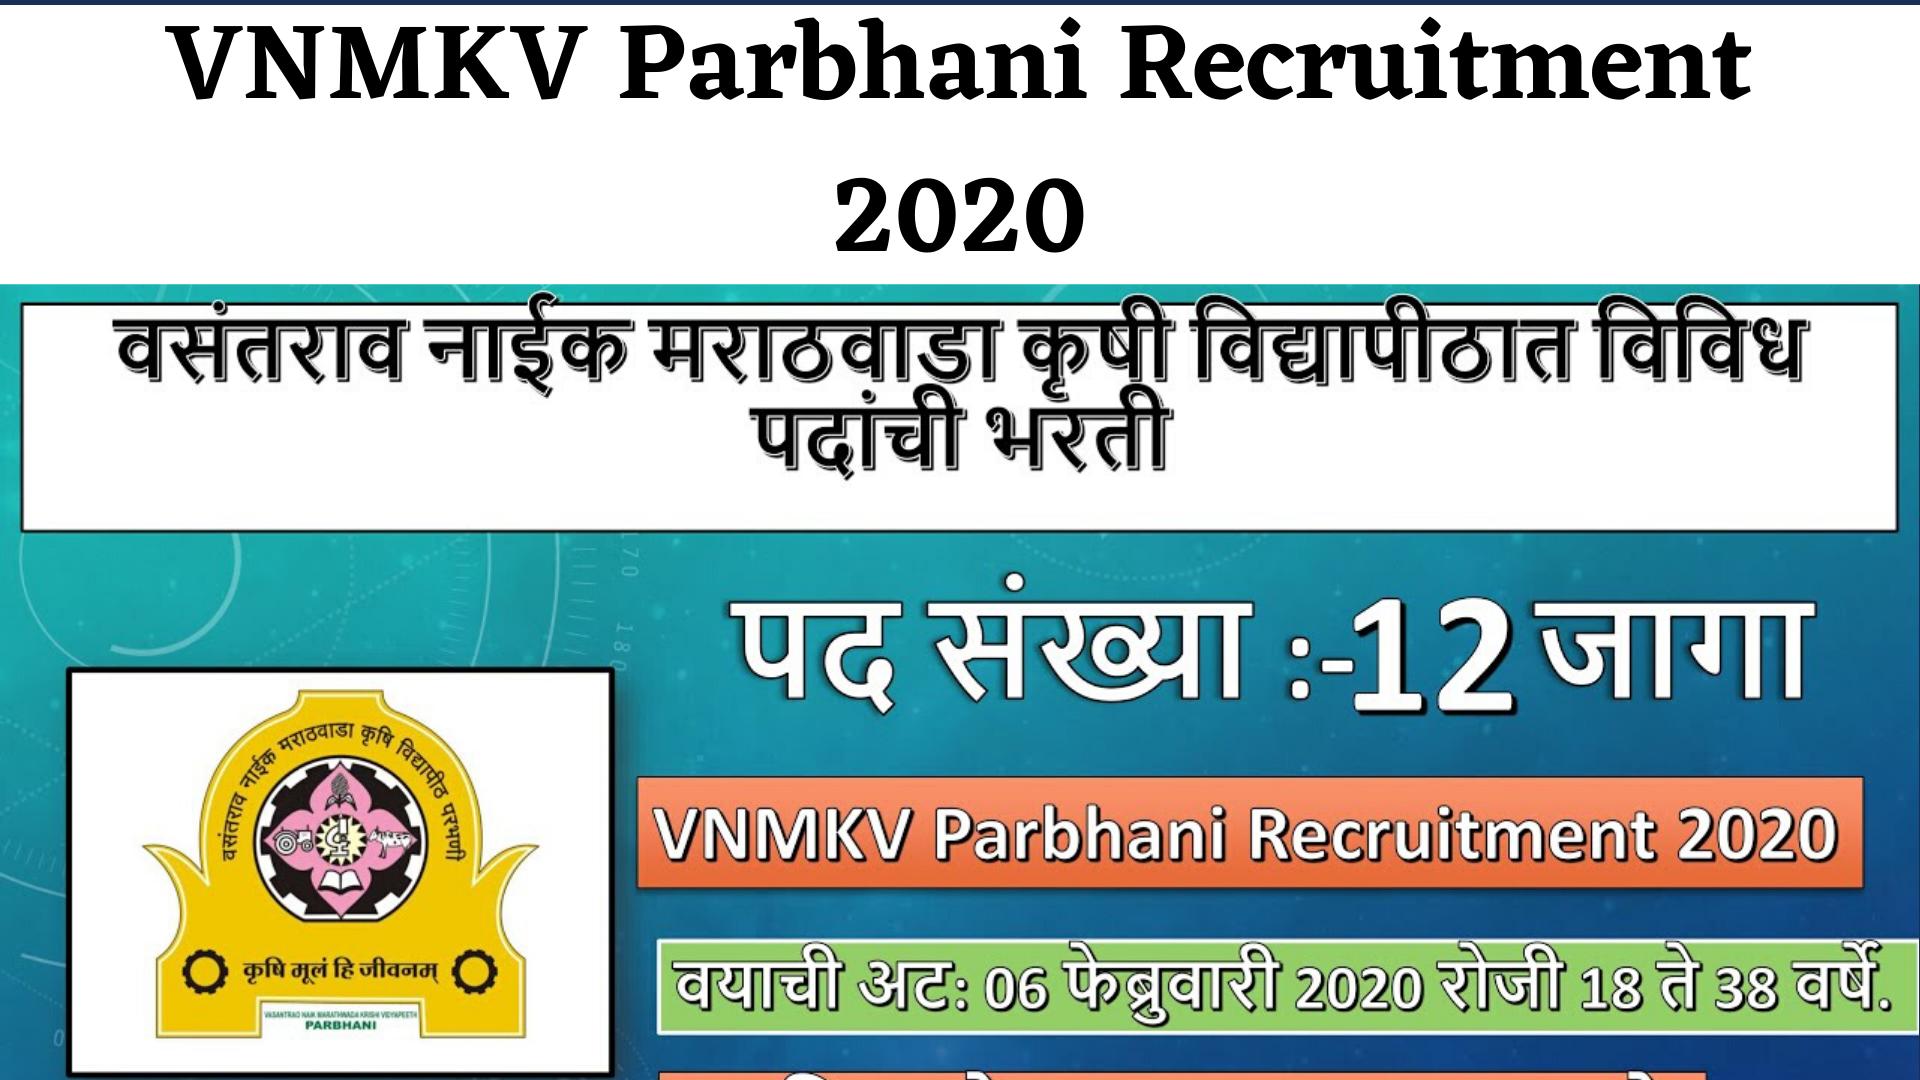 VNMKV Parbhani Recruitment 2020